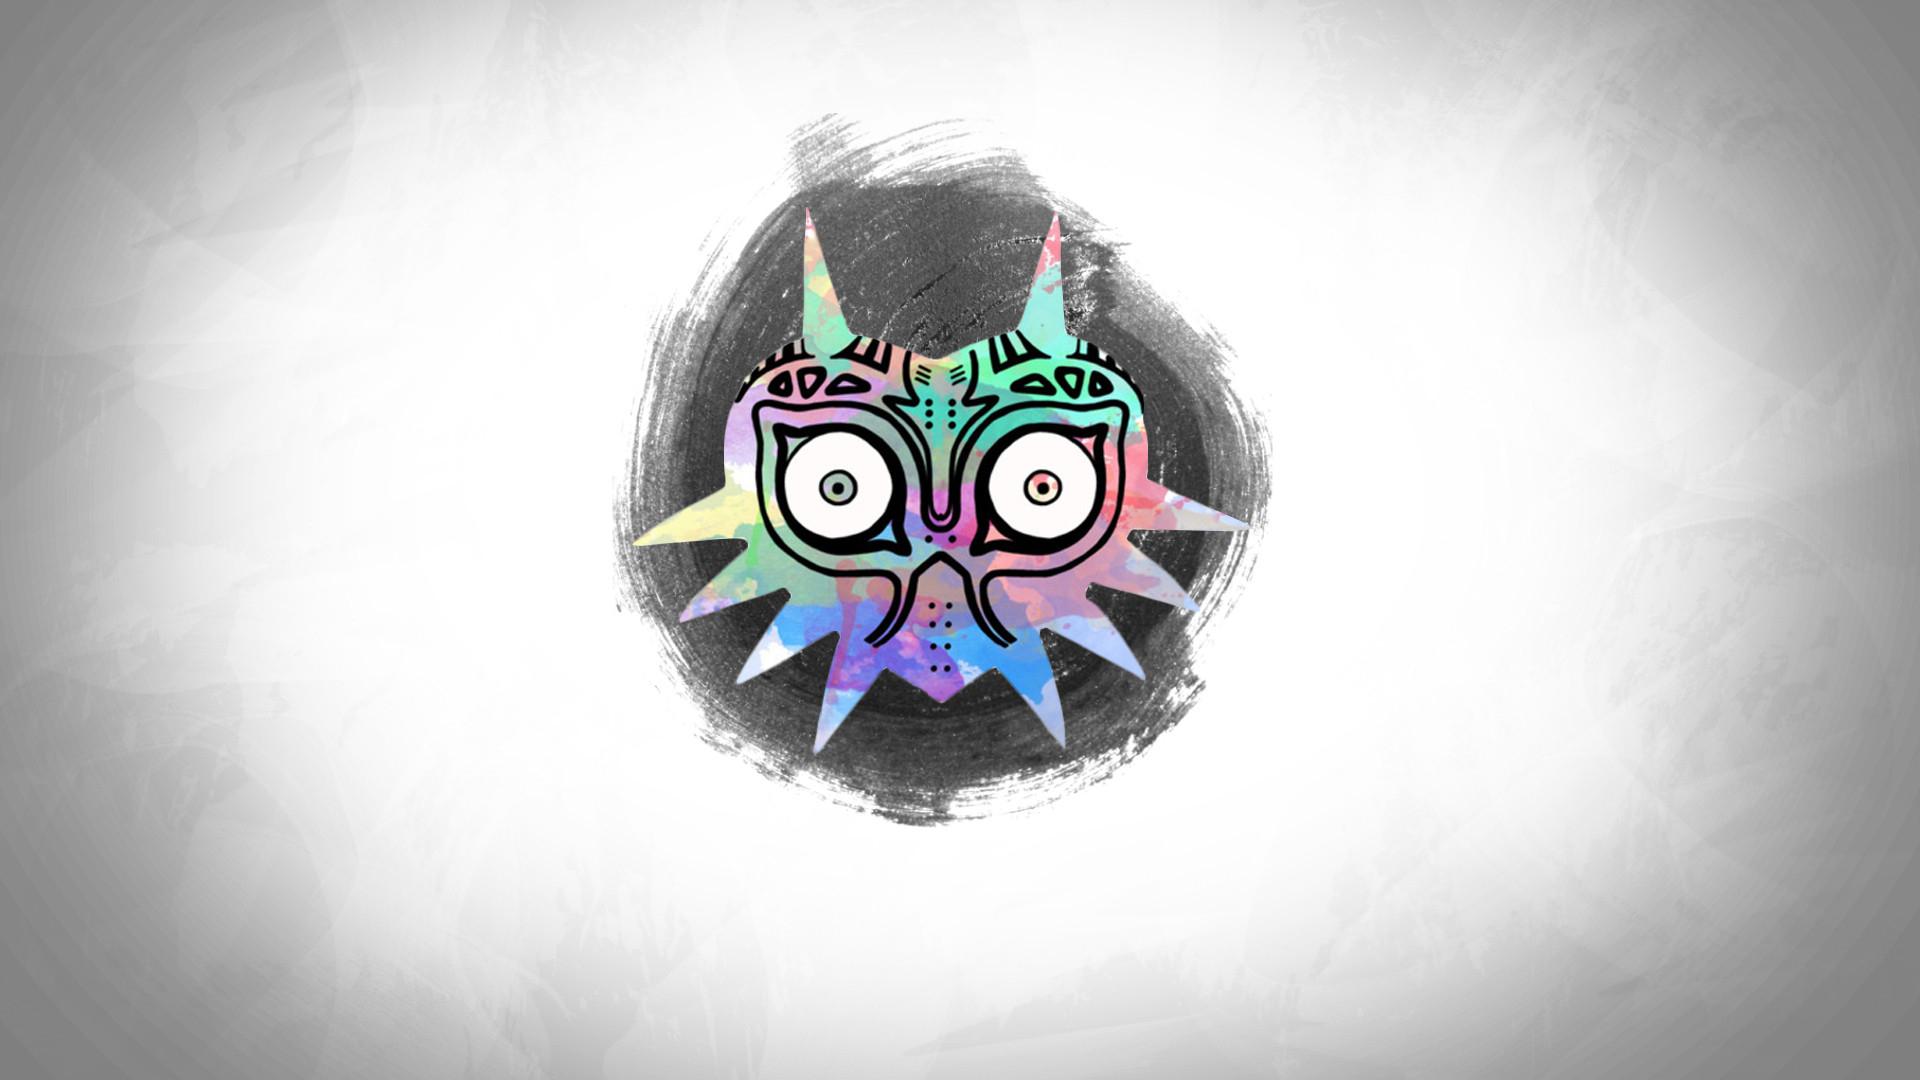 Cute Owl Wallpaper For Mac Hipster Wallpapers Hd Pixelstalk Net